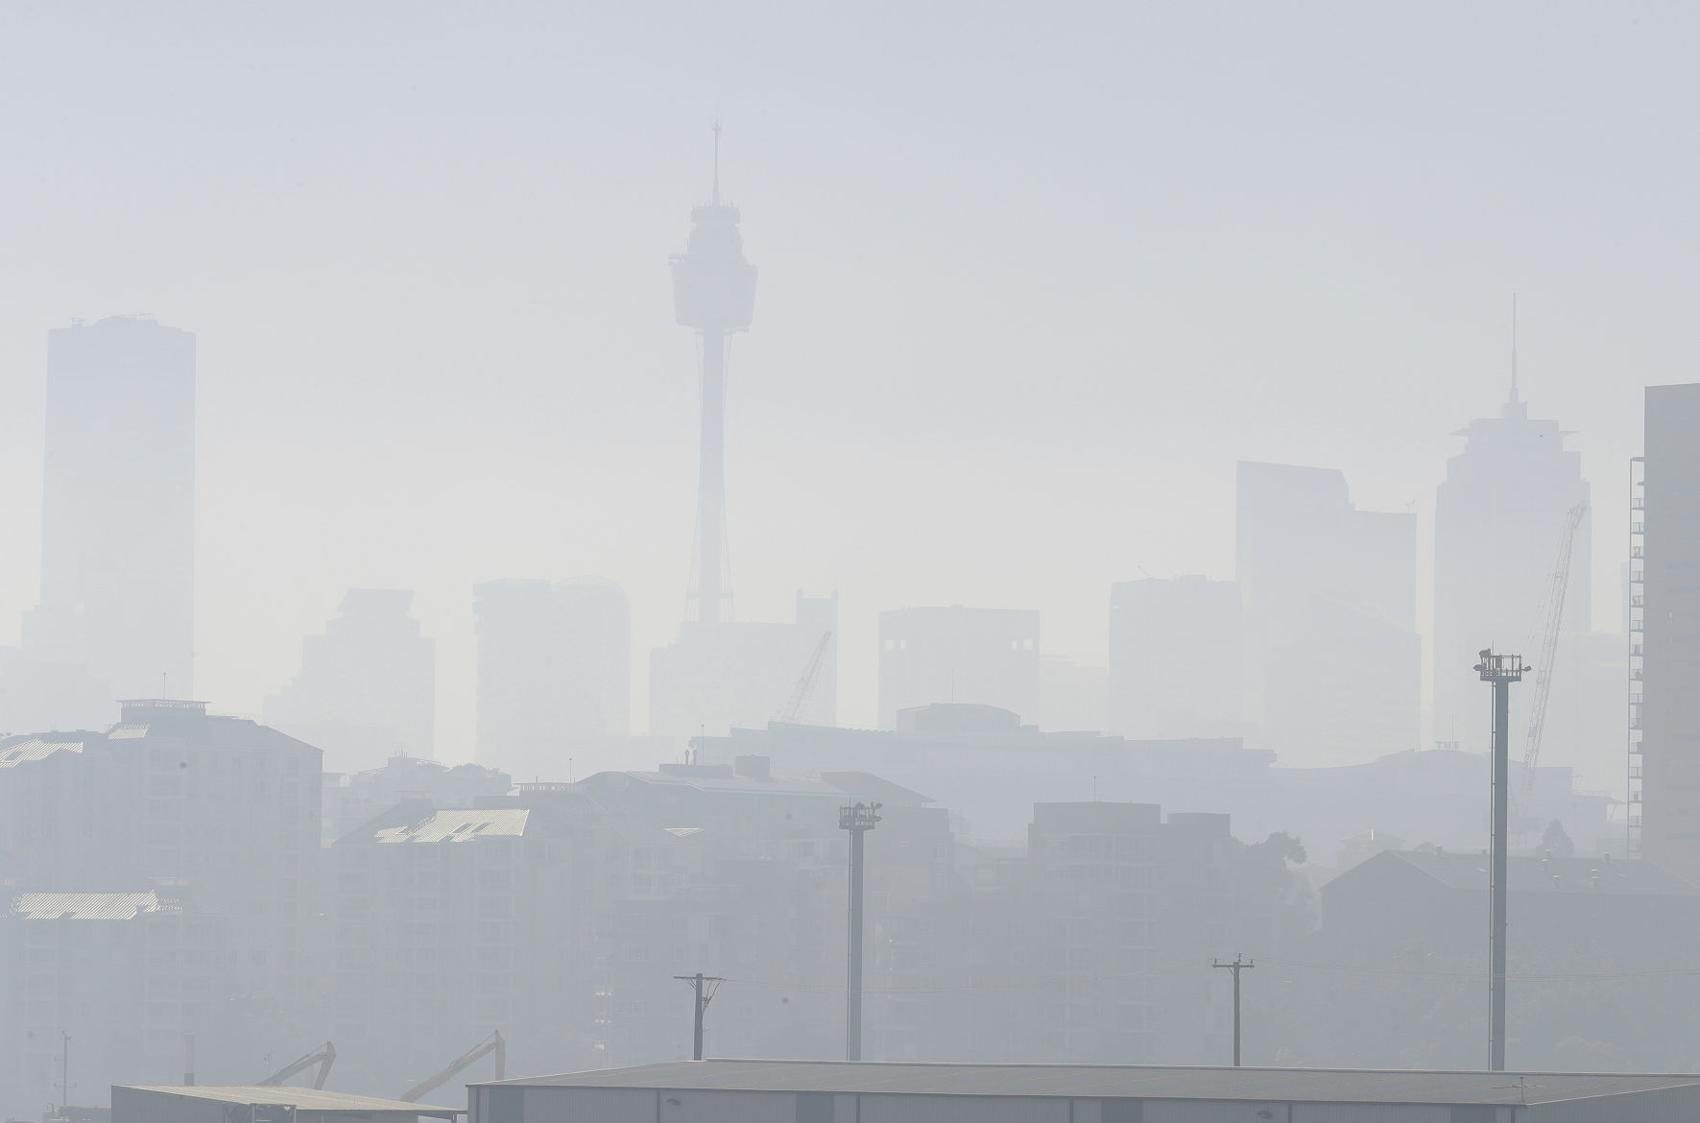 Humo De Los Fuegos Forestales Sydney